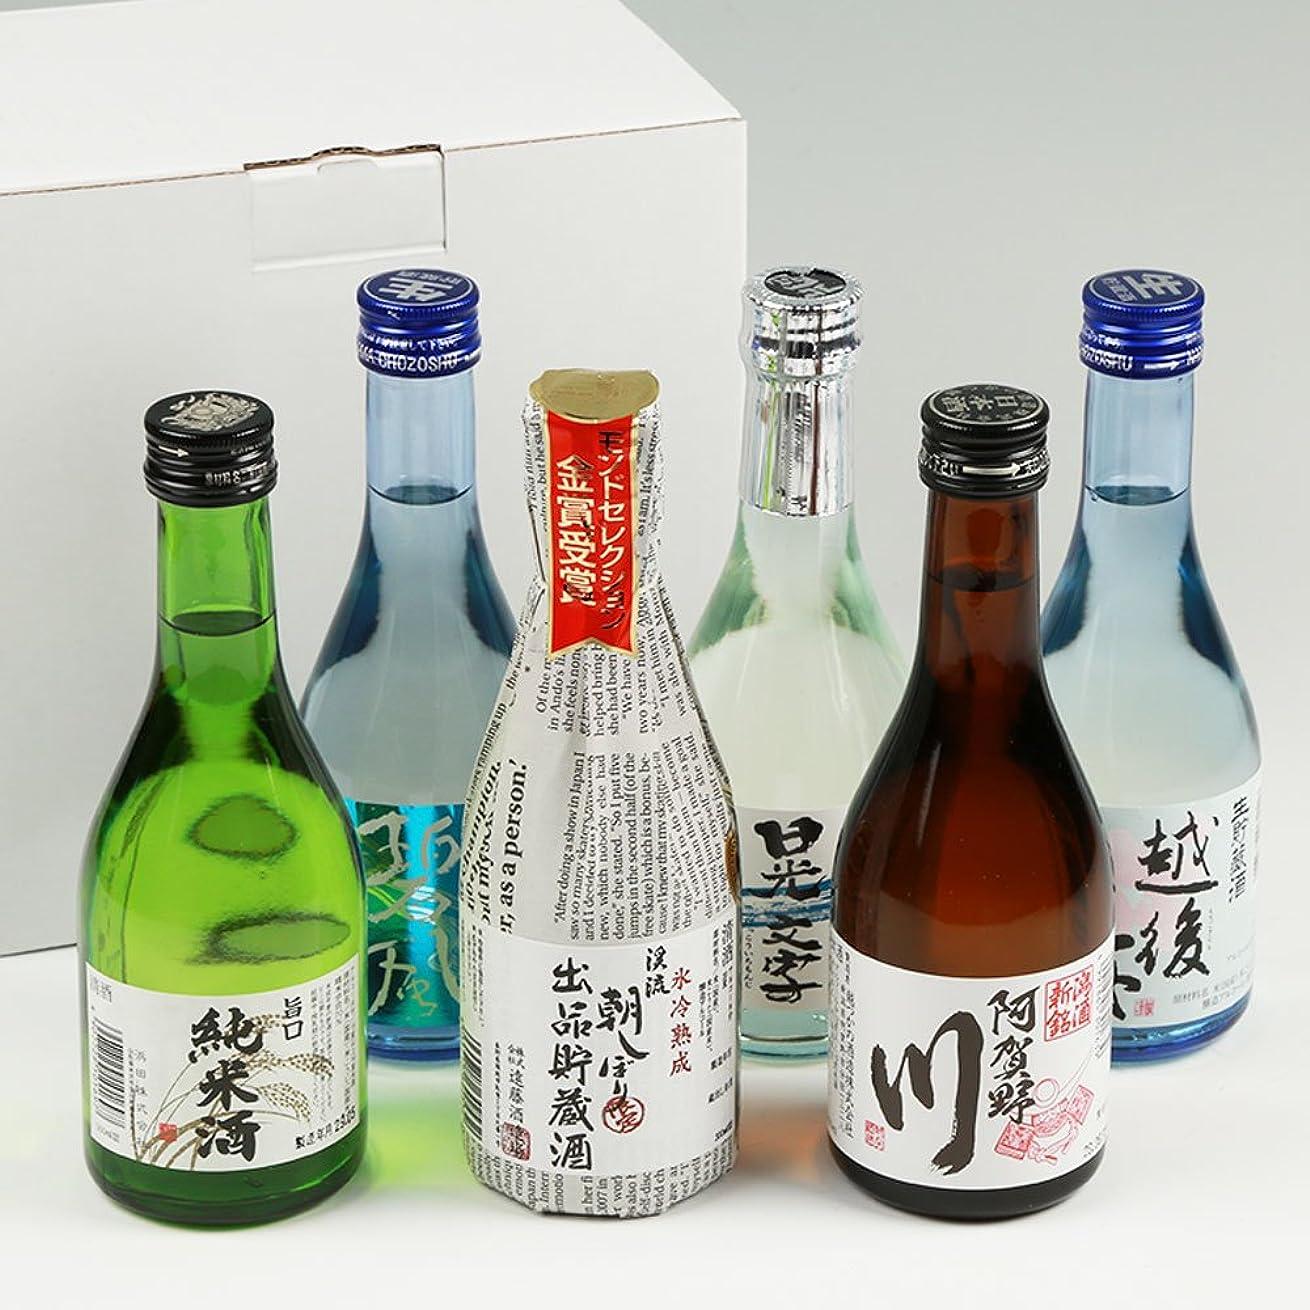 飢えスイス人終わりお酒 日本酒 飲み比べ セット 金賞受賞酒 飲みきりサイズ 300ml×6本